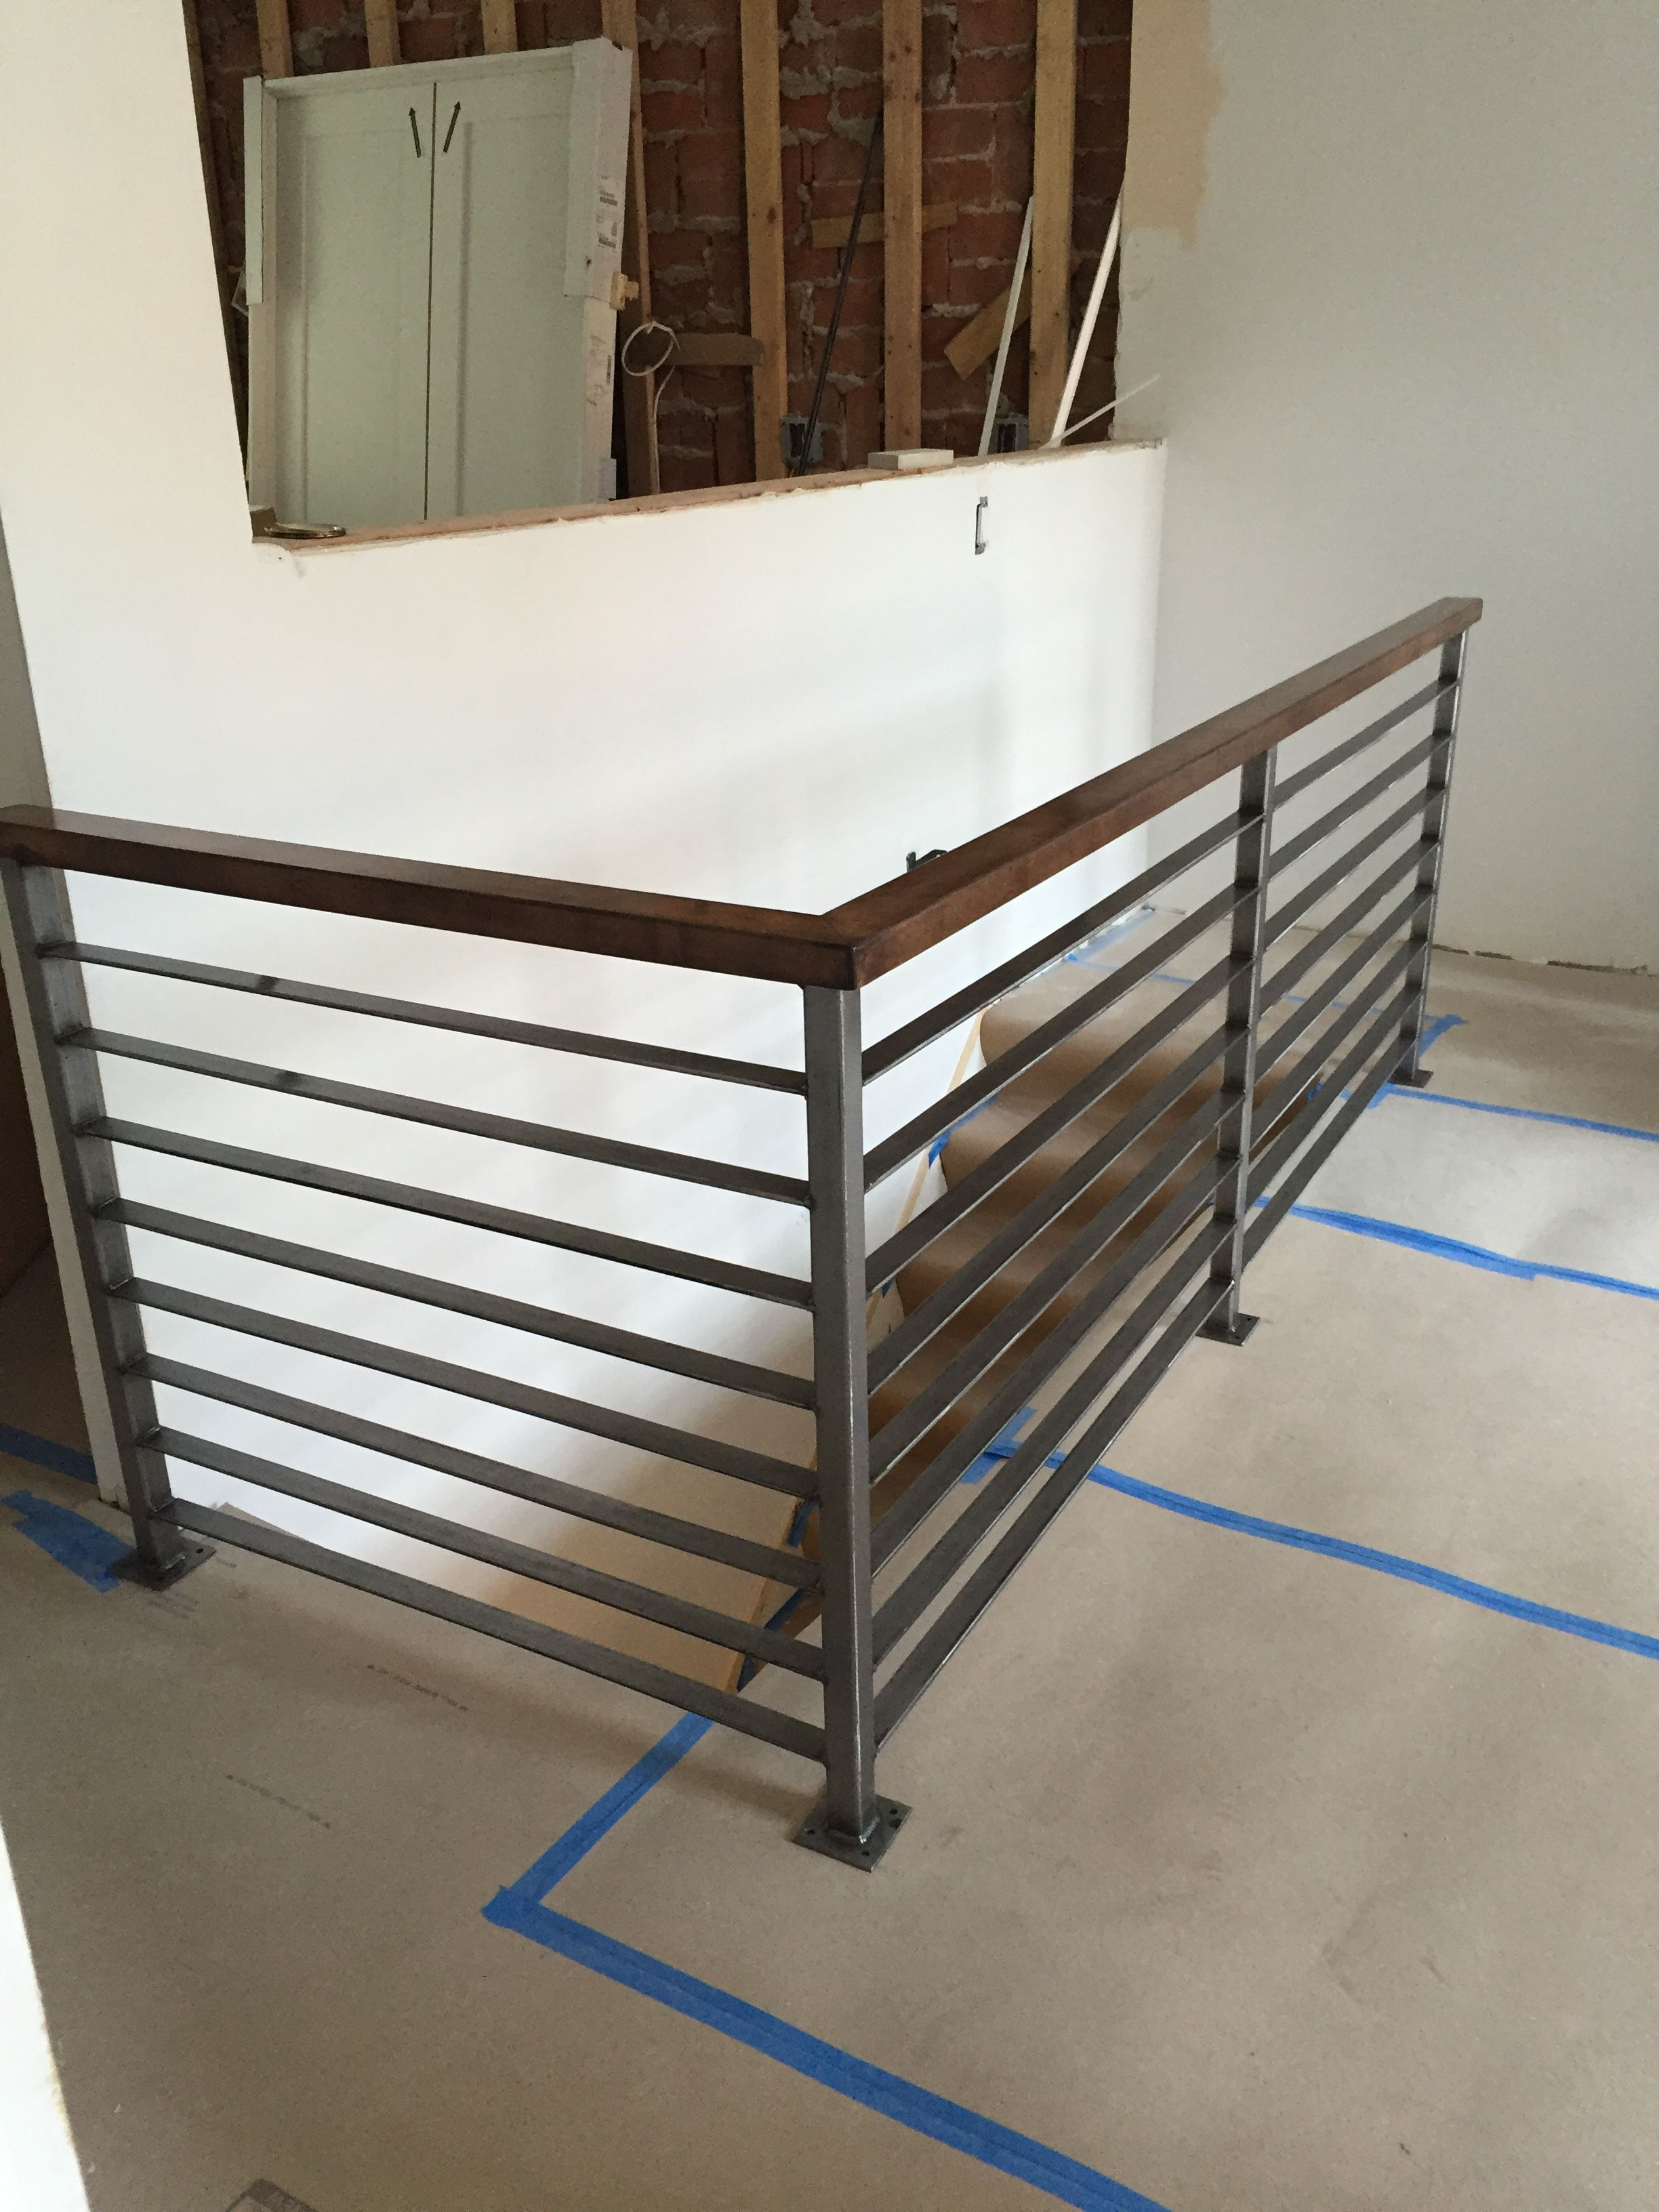 Custom Railing Metal Stair Railing Diy Stair Railing Loft Railing | Diy Metal Stair Railing | Outdoor | Exterior | Beginner | Indoor | Metal Baluster Drywall